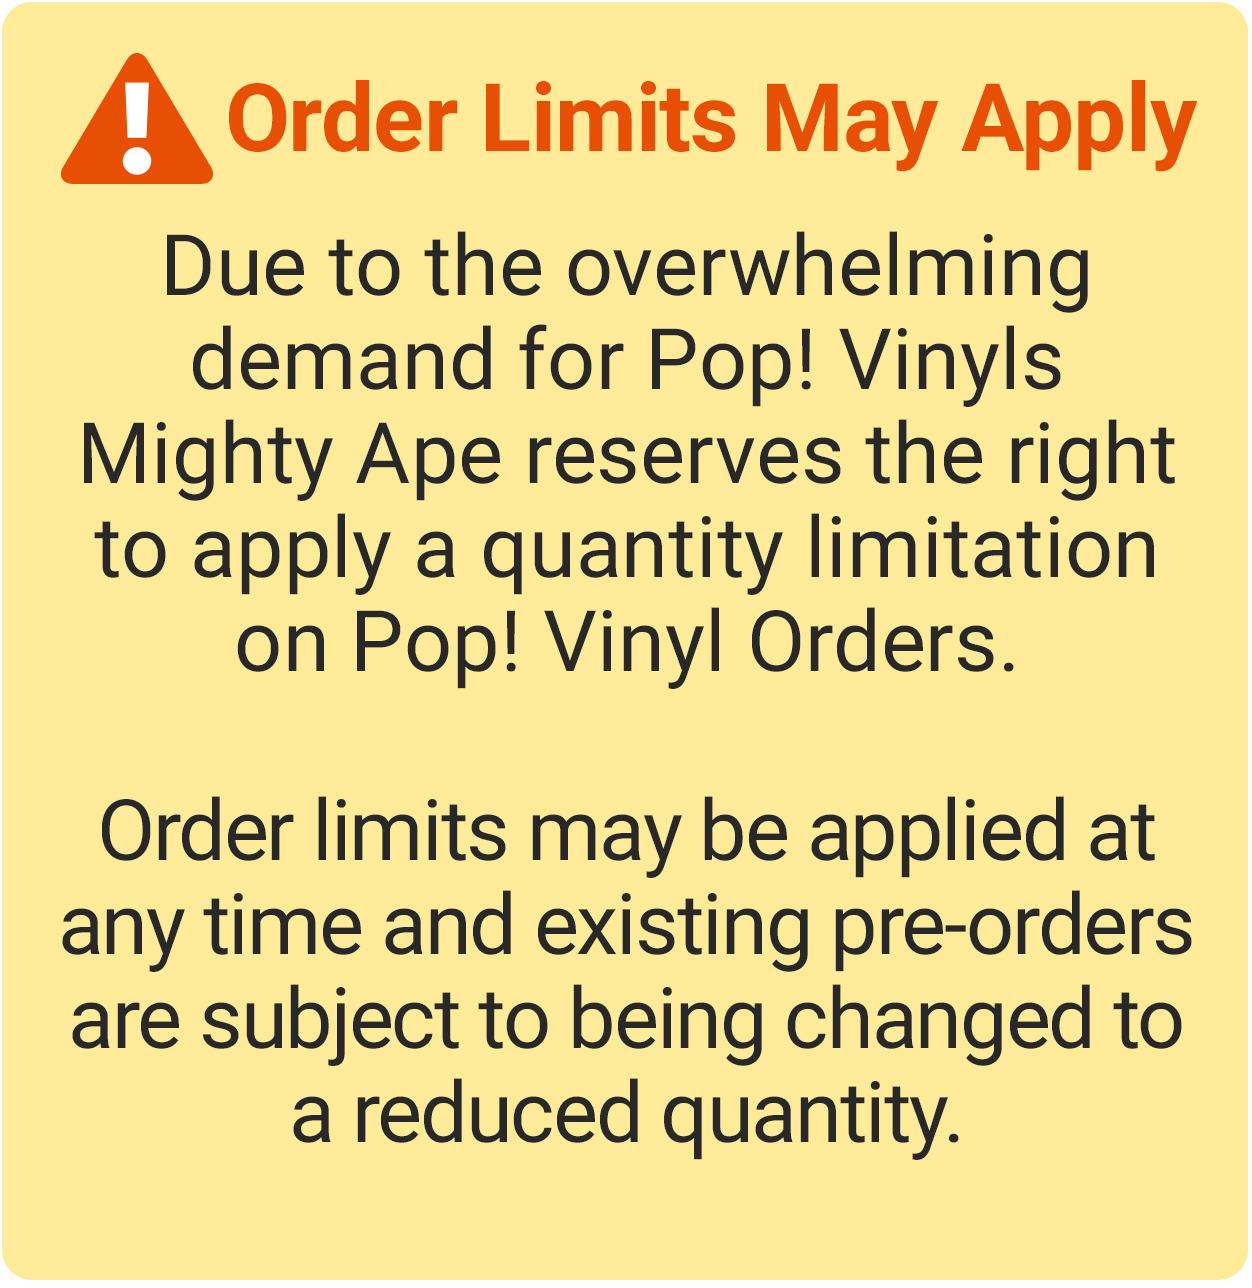 Overwatch: McCree (Summer Skin) - Pop! Vinyl Figure image